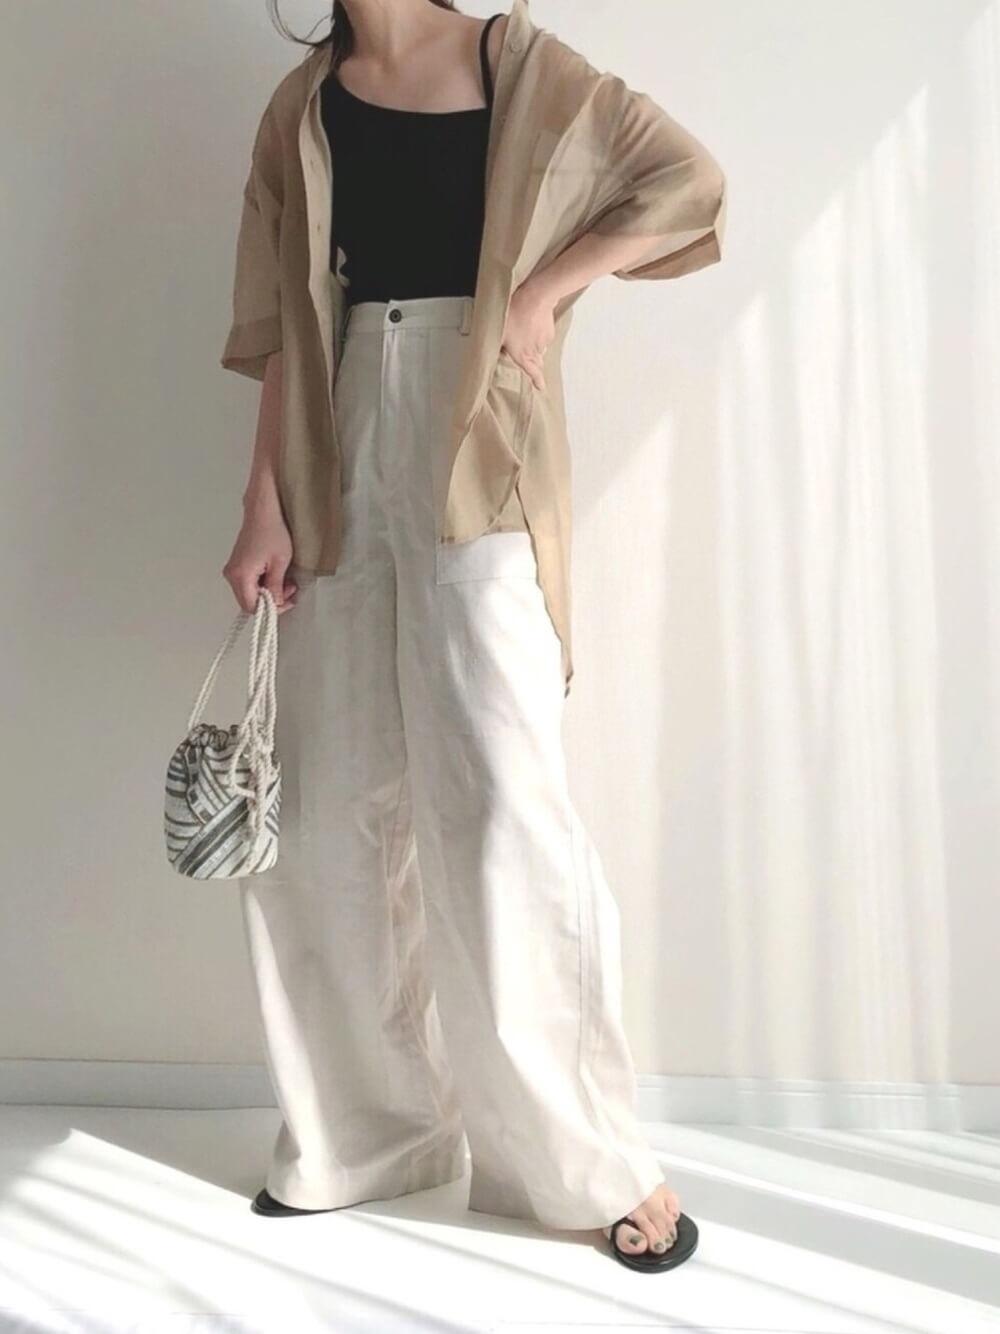 キャミソール×ベージュのシアーシャツ×白のワイドデニムパンツ×黒のサンダル